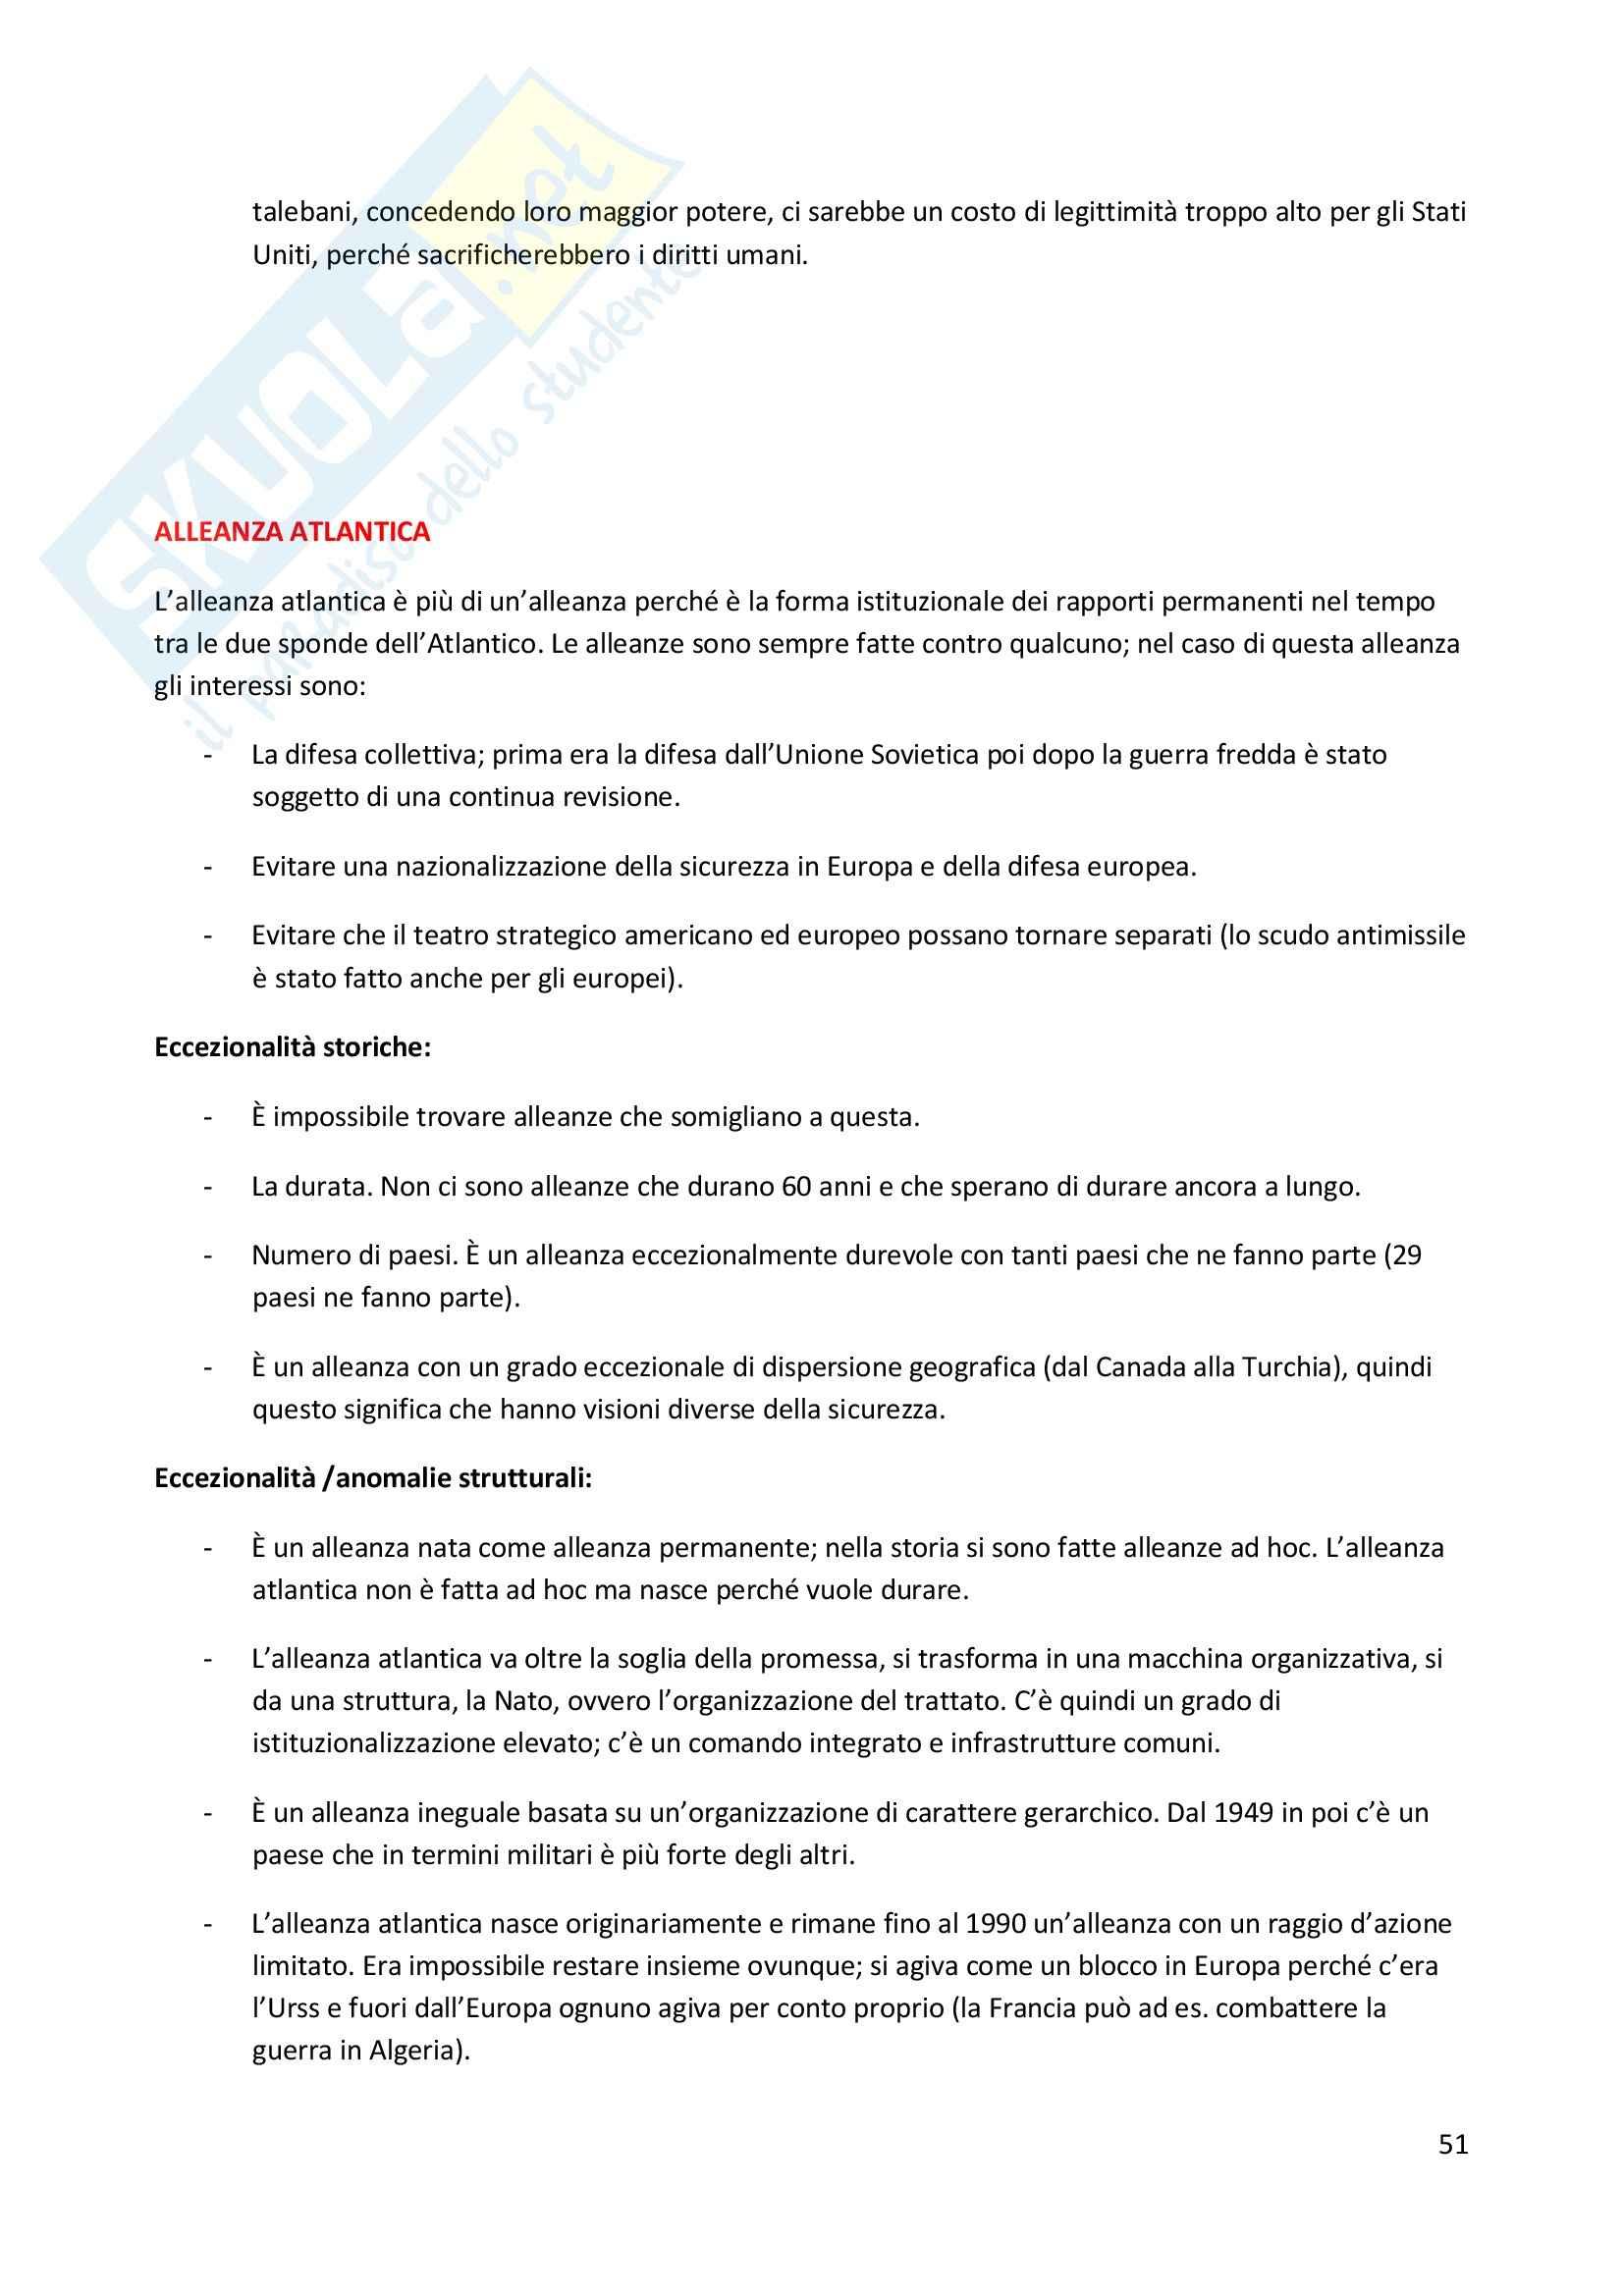 Storia delle relazioni internazionali - Appunti Pag. 51